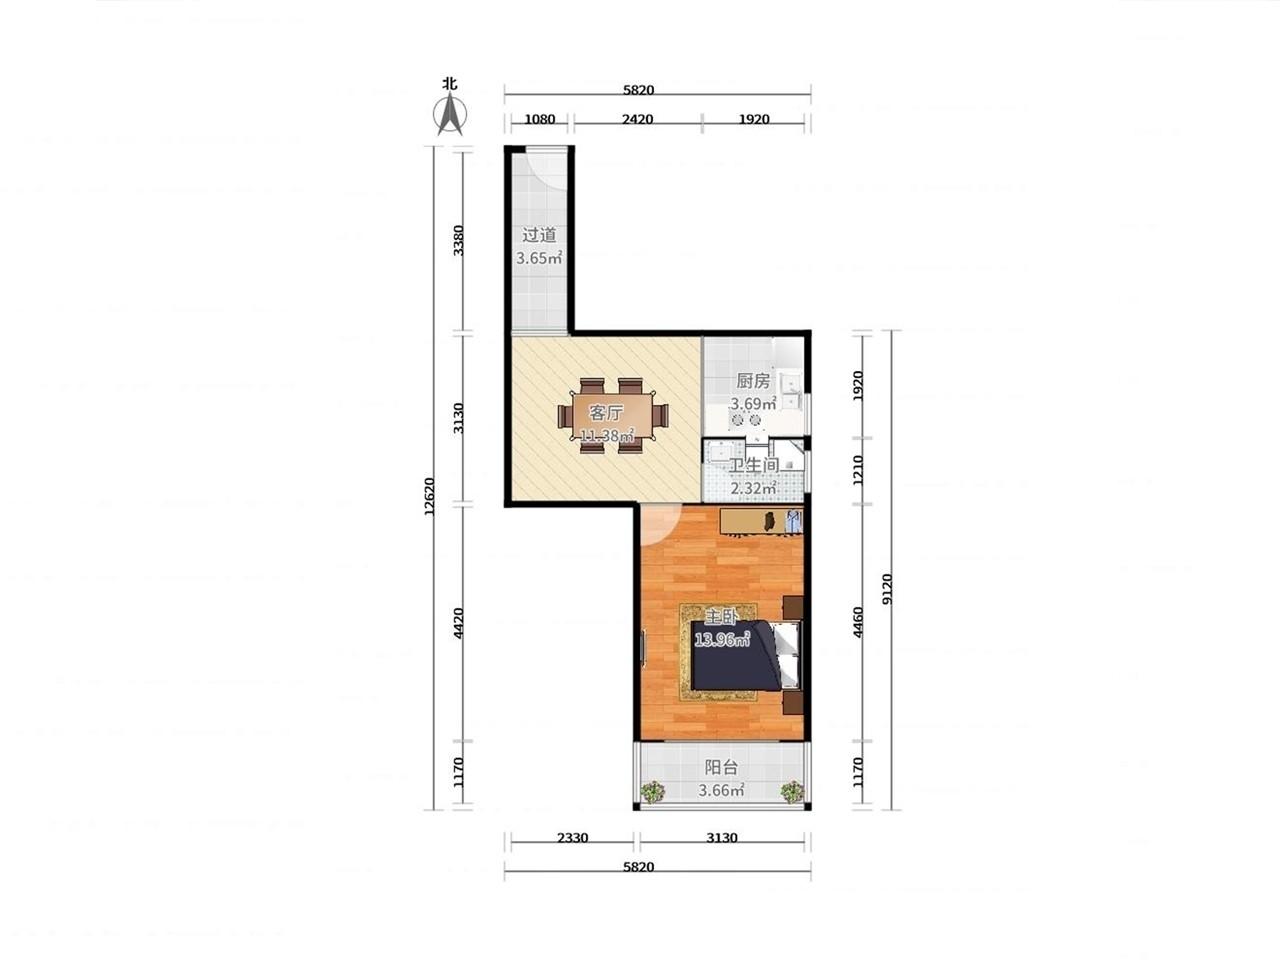 鼓楼区华侨路华侨公寓1室1厅户型图